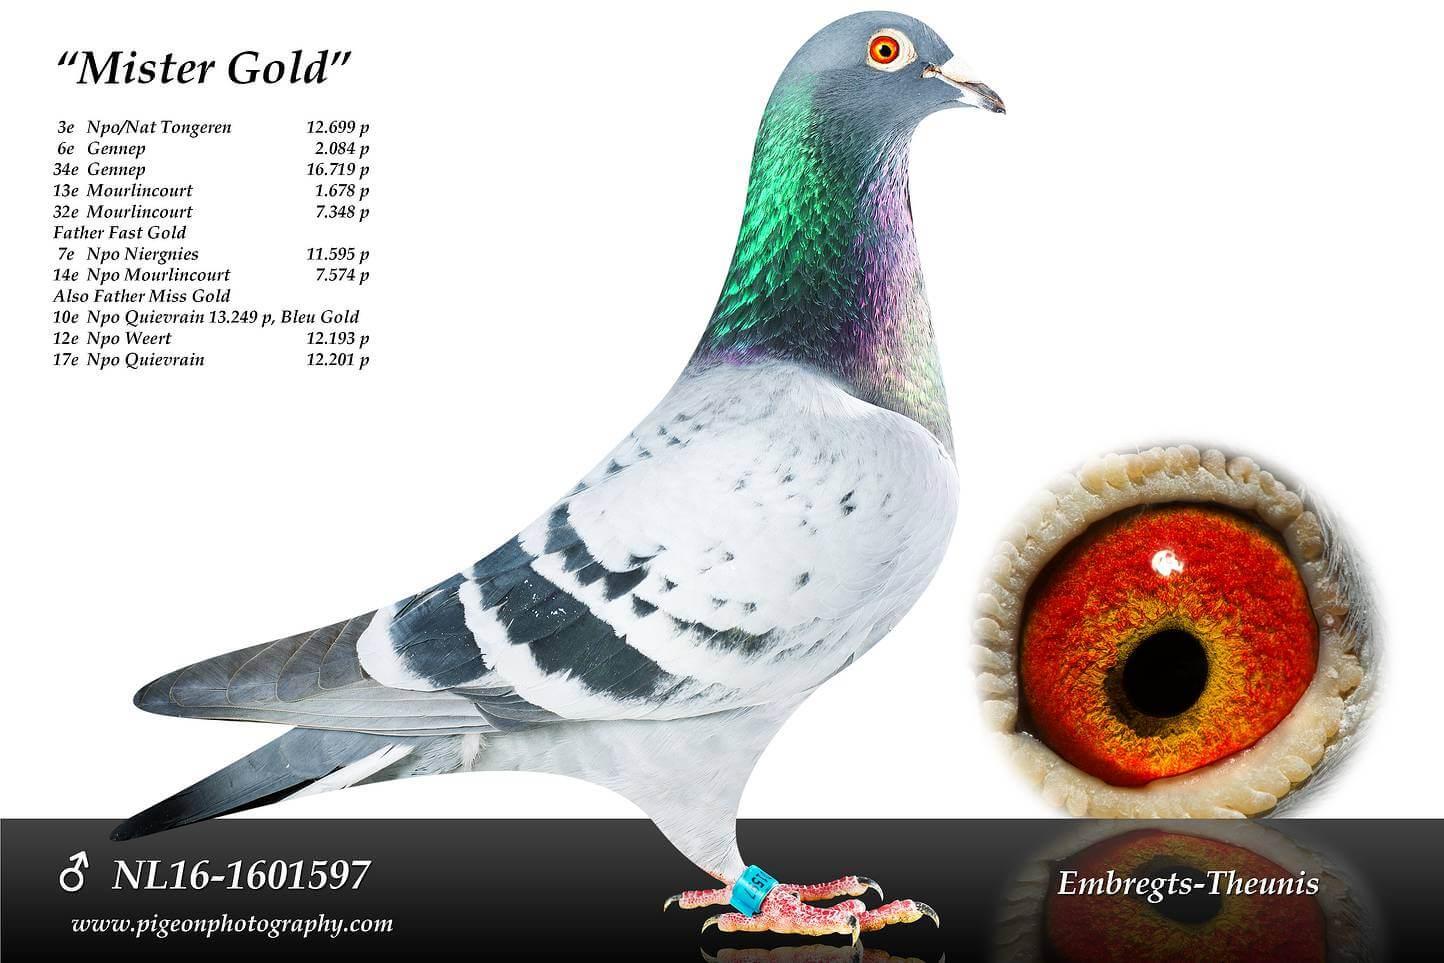 Mister-Gold-NL16-1601597